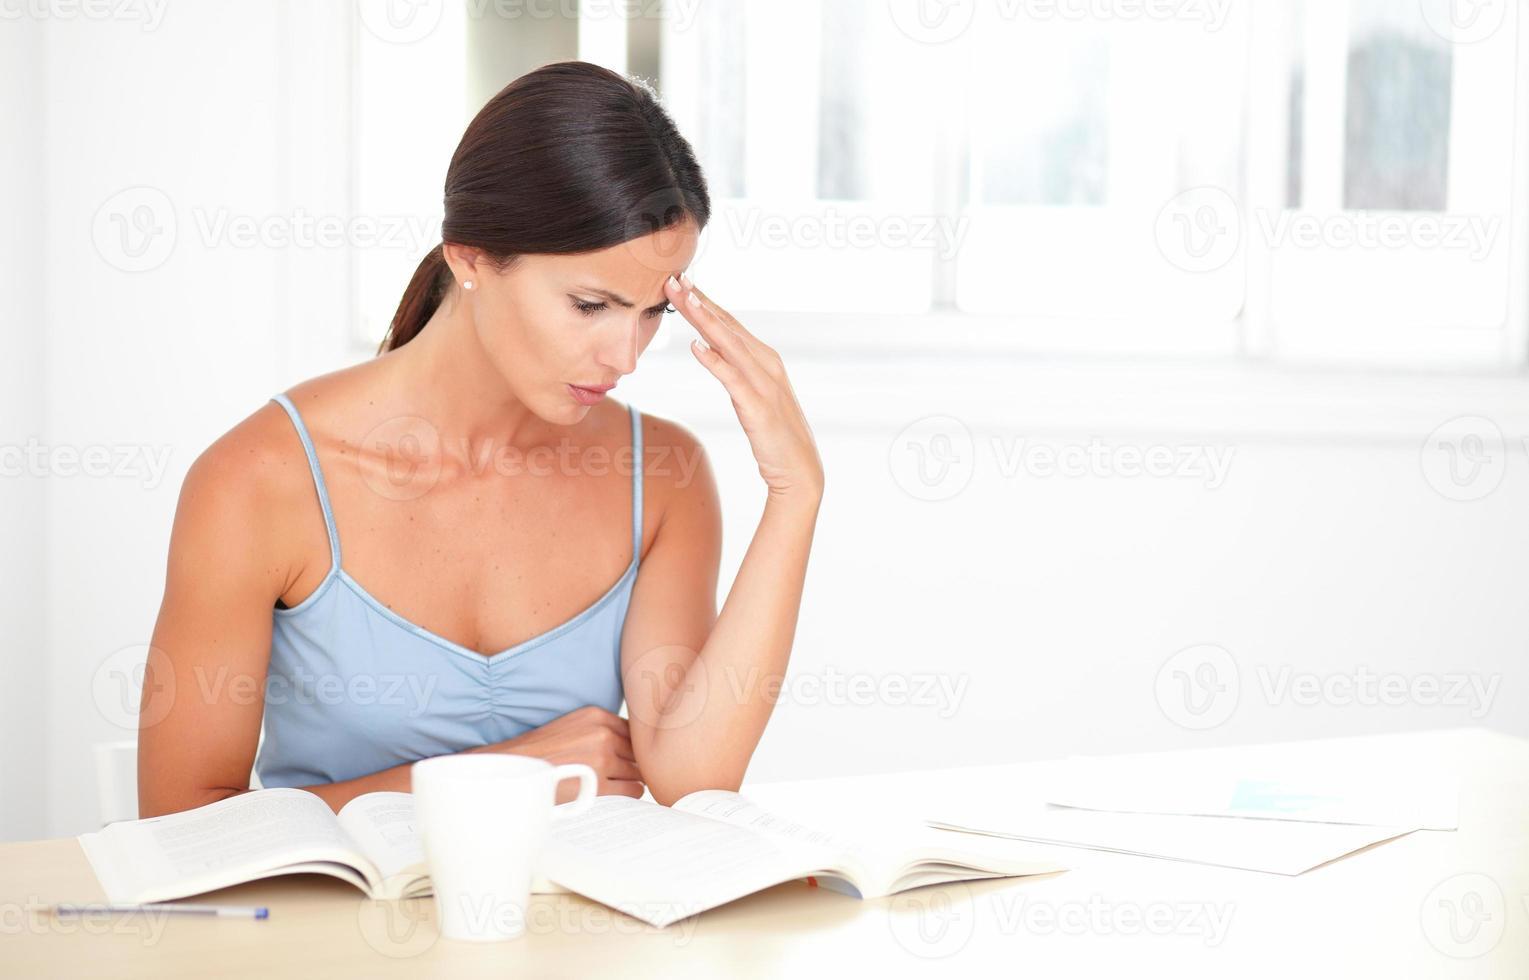 mujer bonita concentrada en leer libros foto